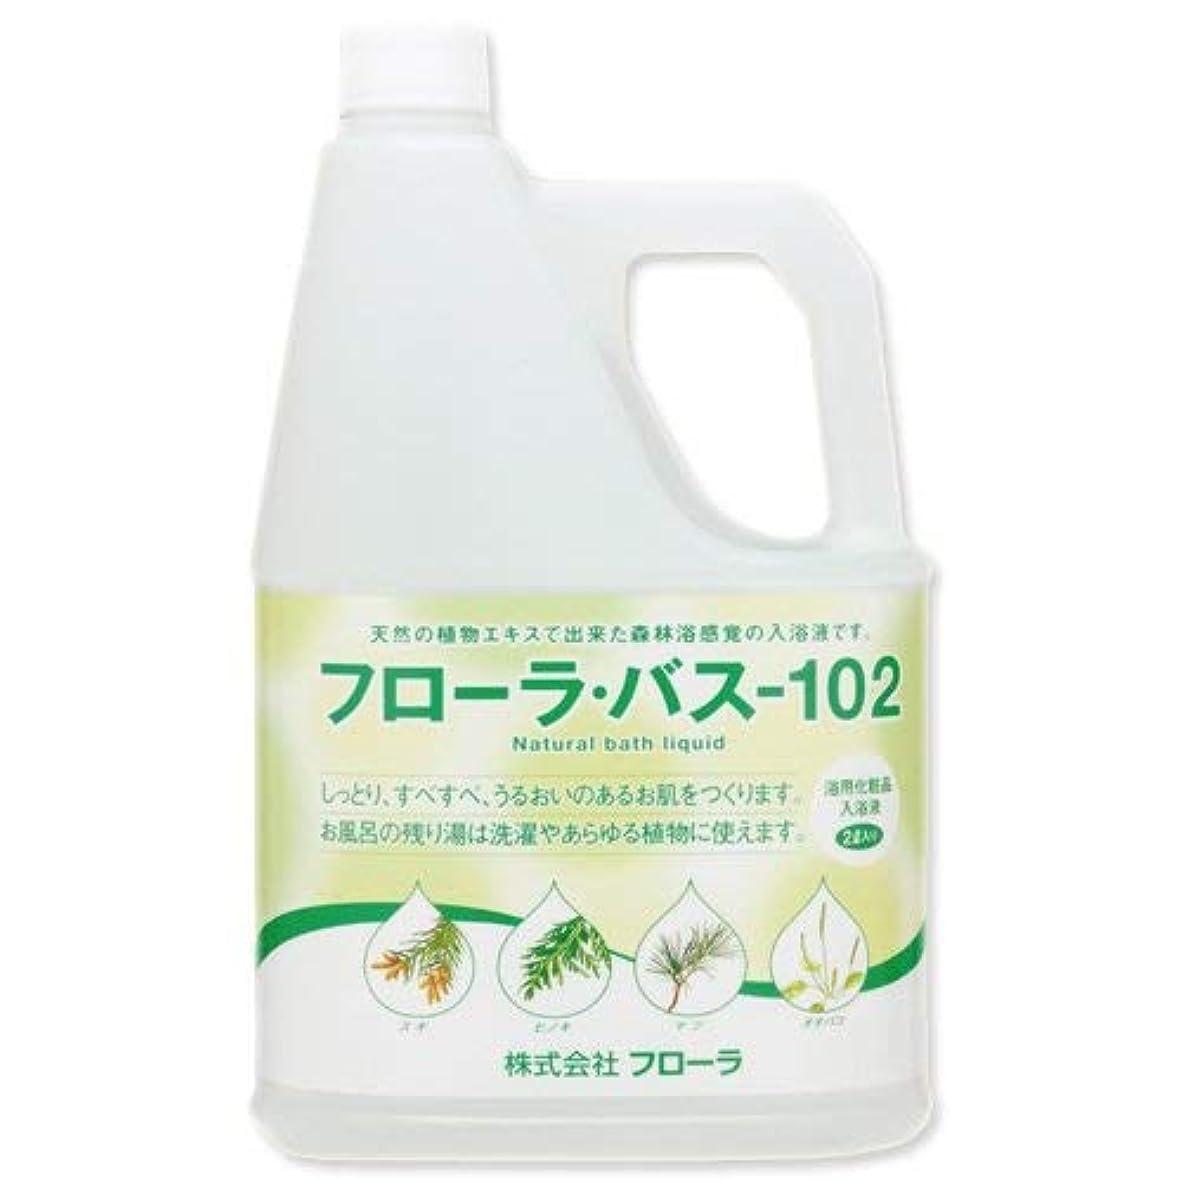 明日保持する扱いやすい浴用化粧品 入浴液 フローラ?バス-102  2L